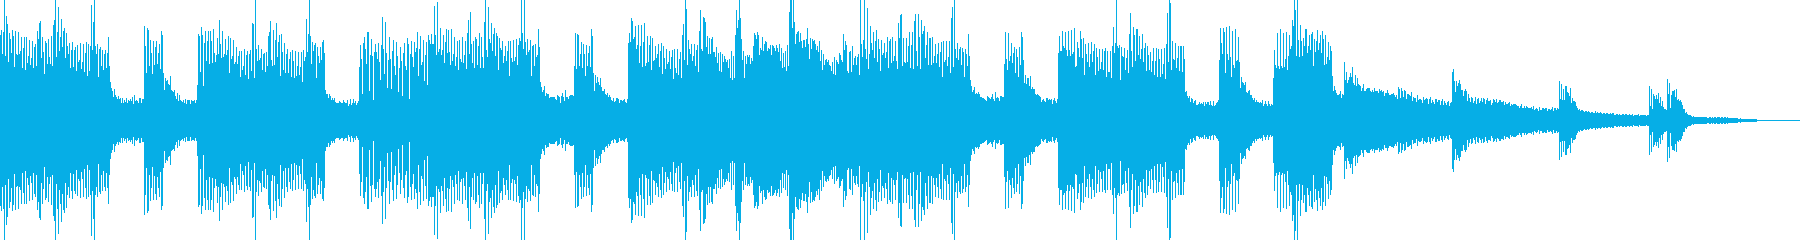 【10秒】企業/商品紹介BGM③スマートの再生済みの波形